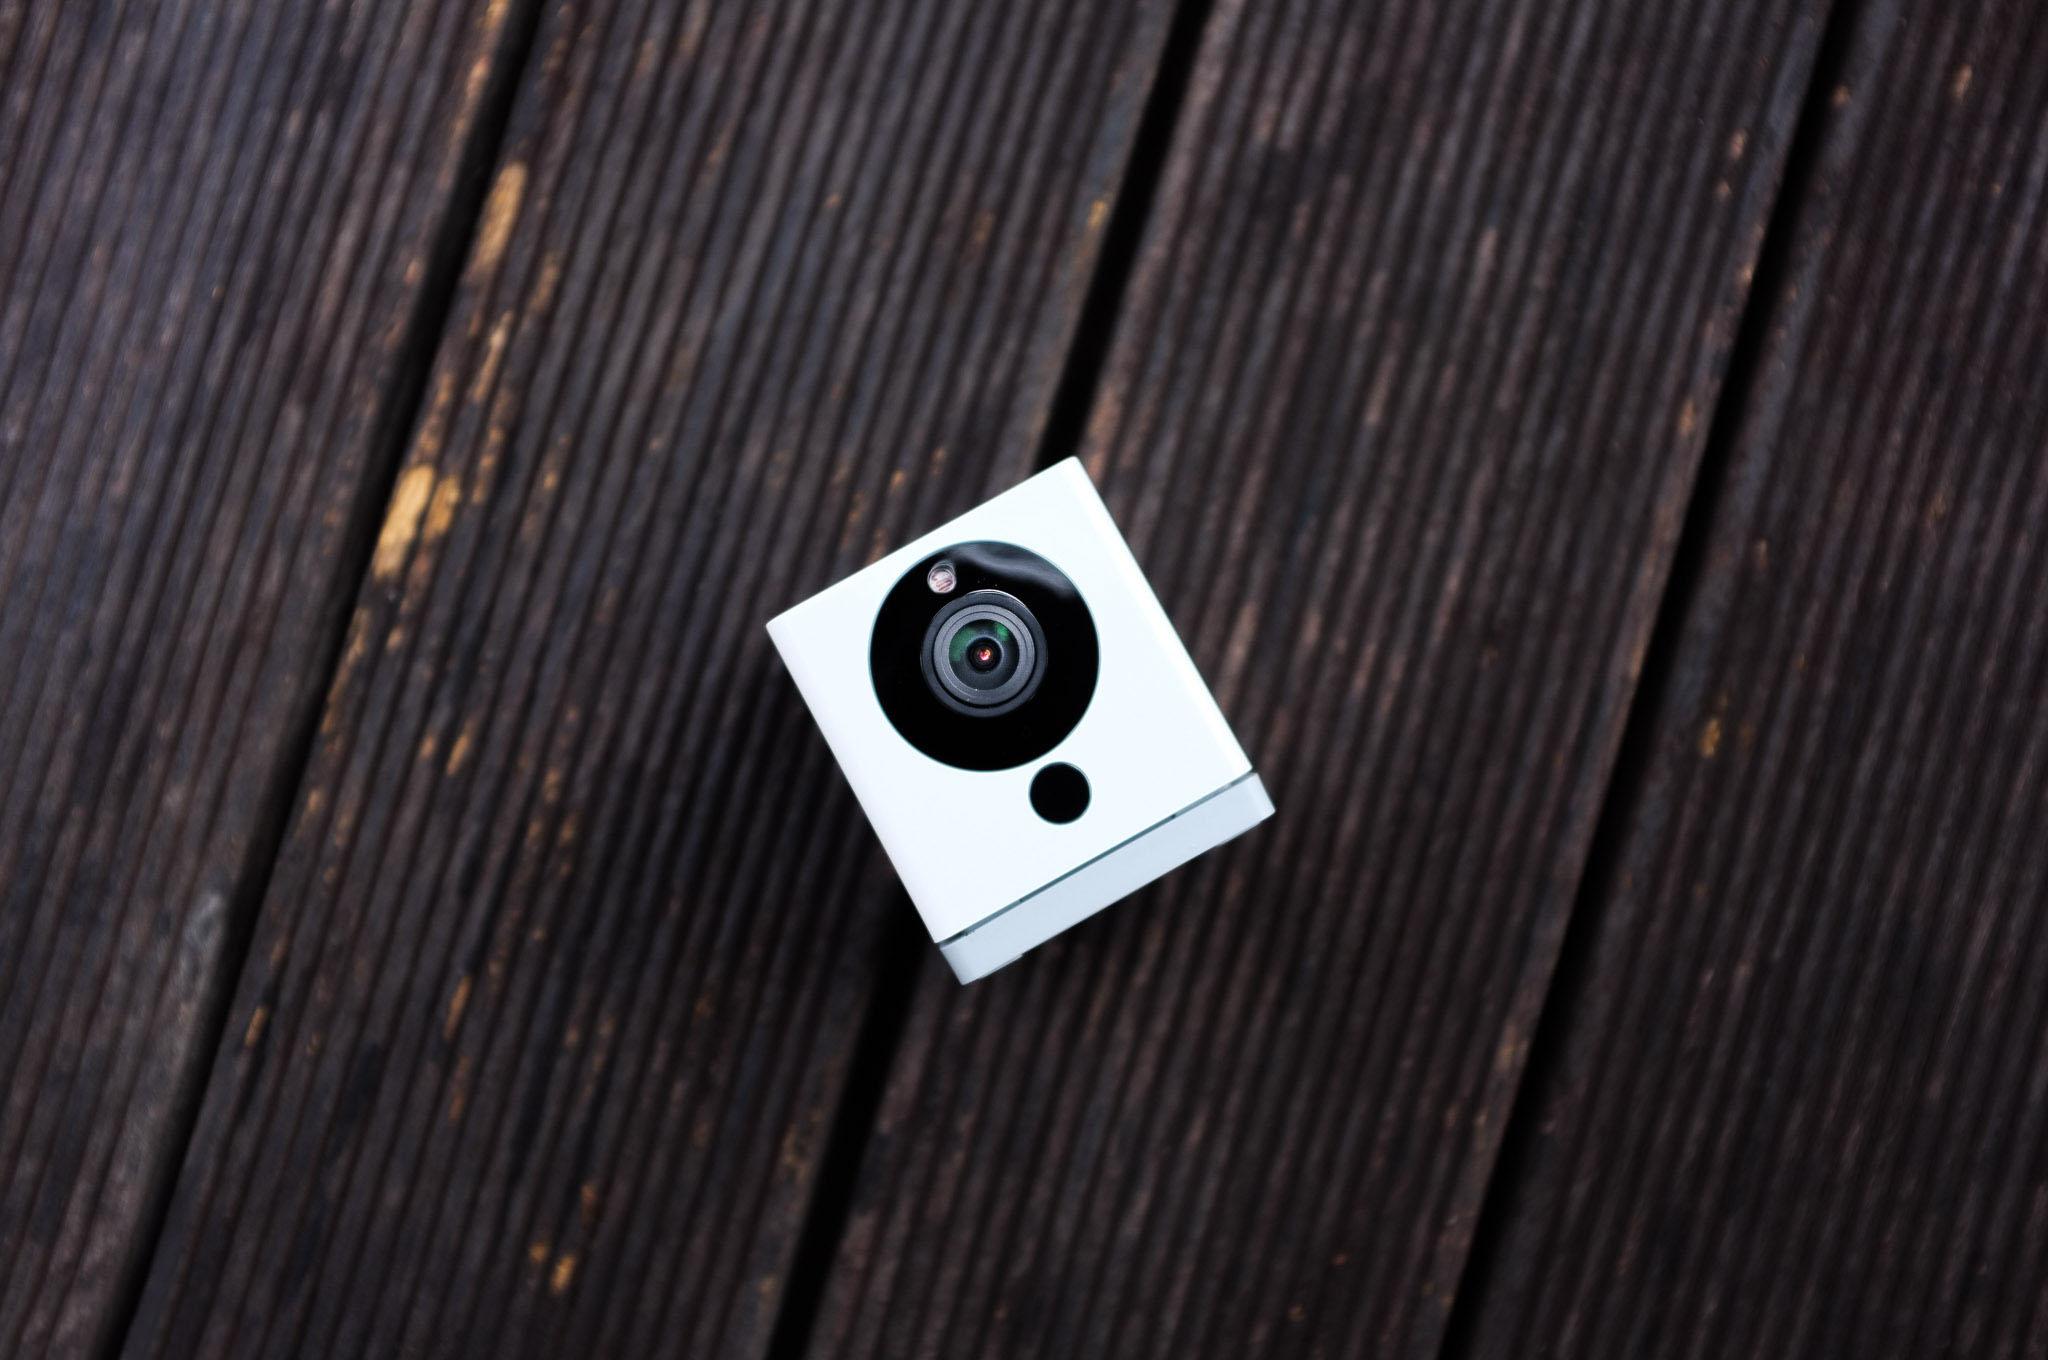 4005615_Tinhte-xiaomi-mini-square-camera-8.jpg